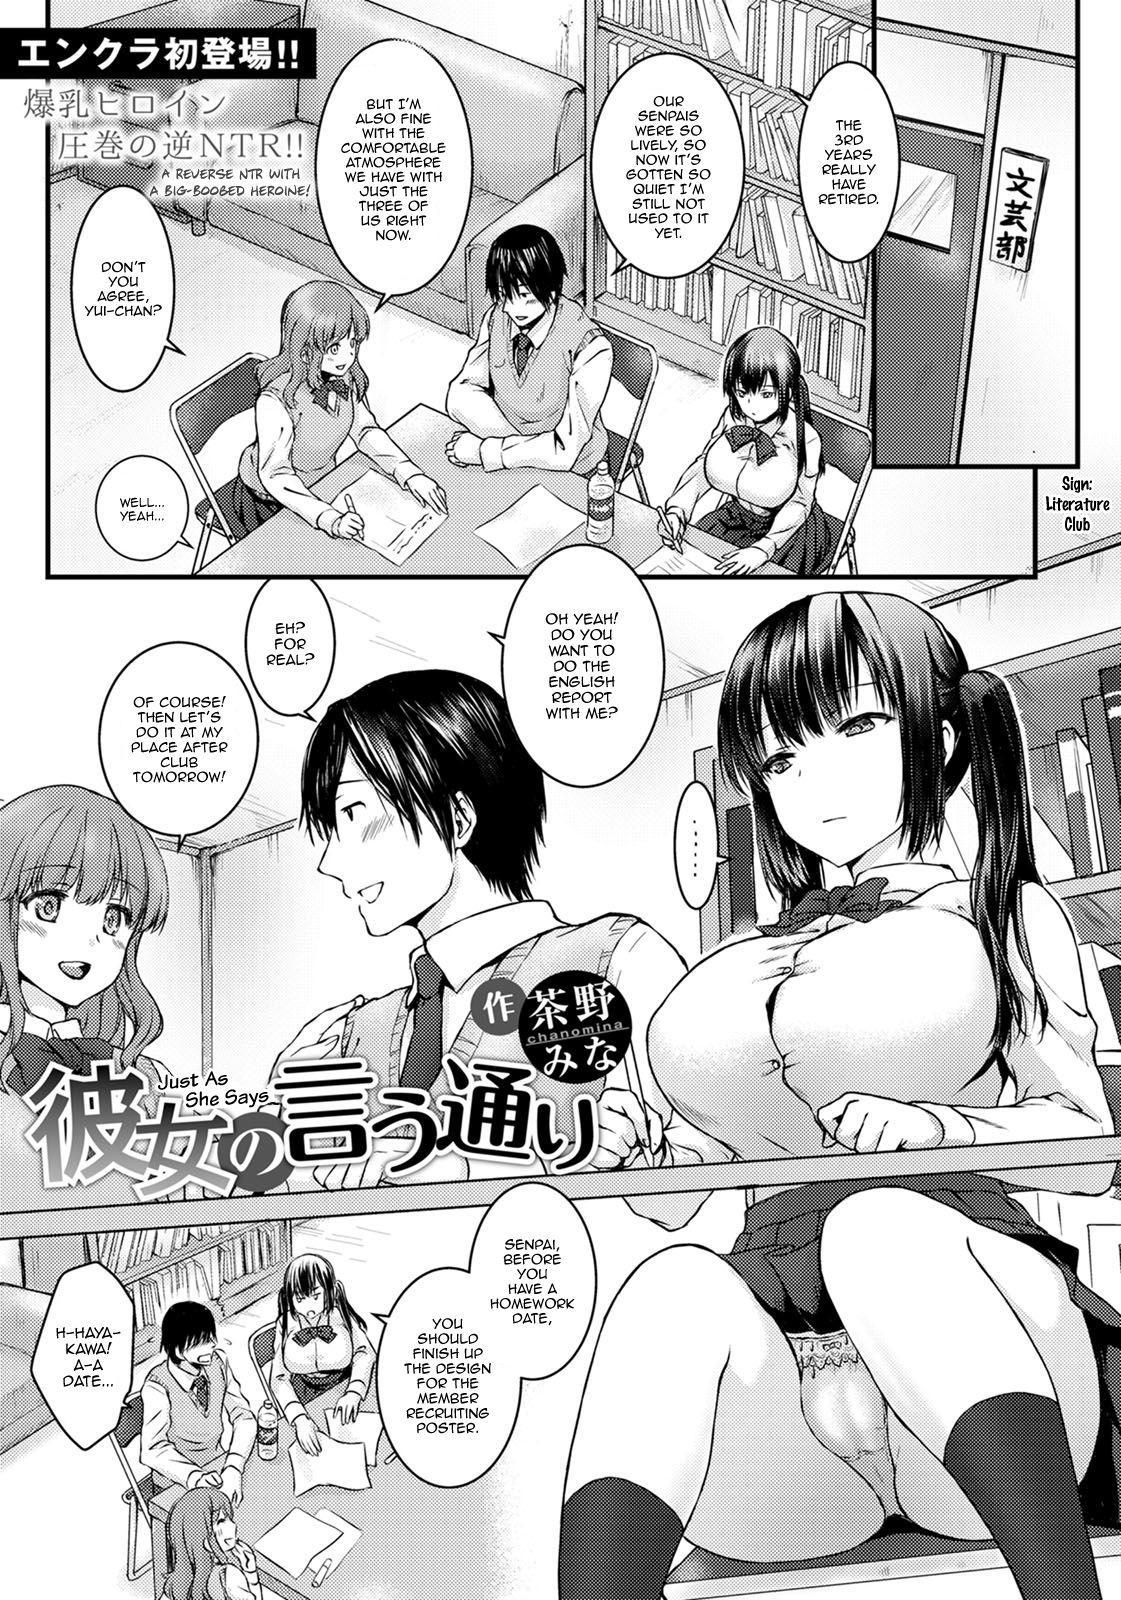 Kanojo no Iutoori   Just As She Says 0